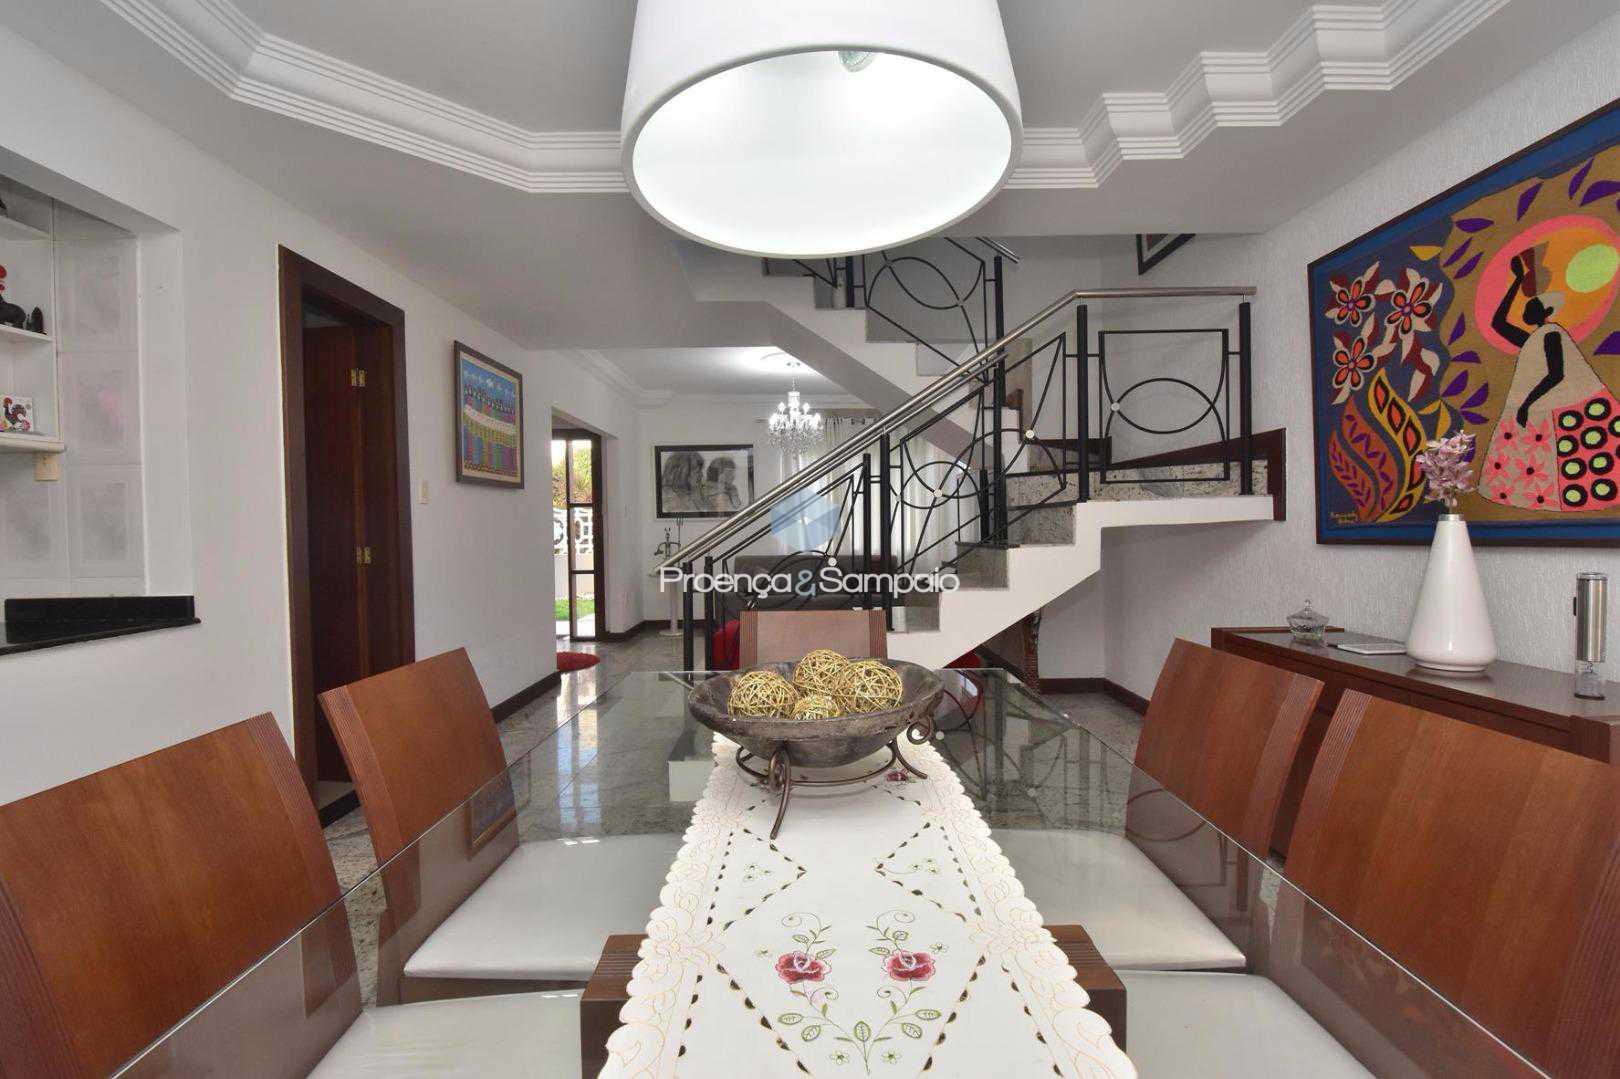 FOTO19 - Casa em Condomínio 4 quartos à venda Lauro de Freitas,BA - R$ 870.000 - PSCN40007 - 21